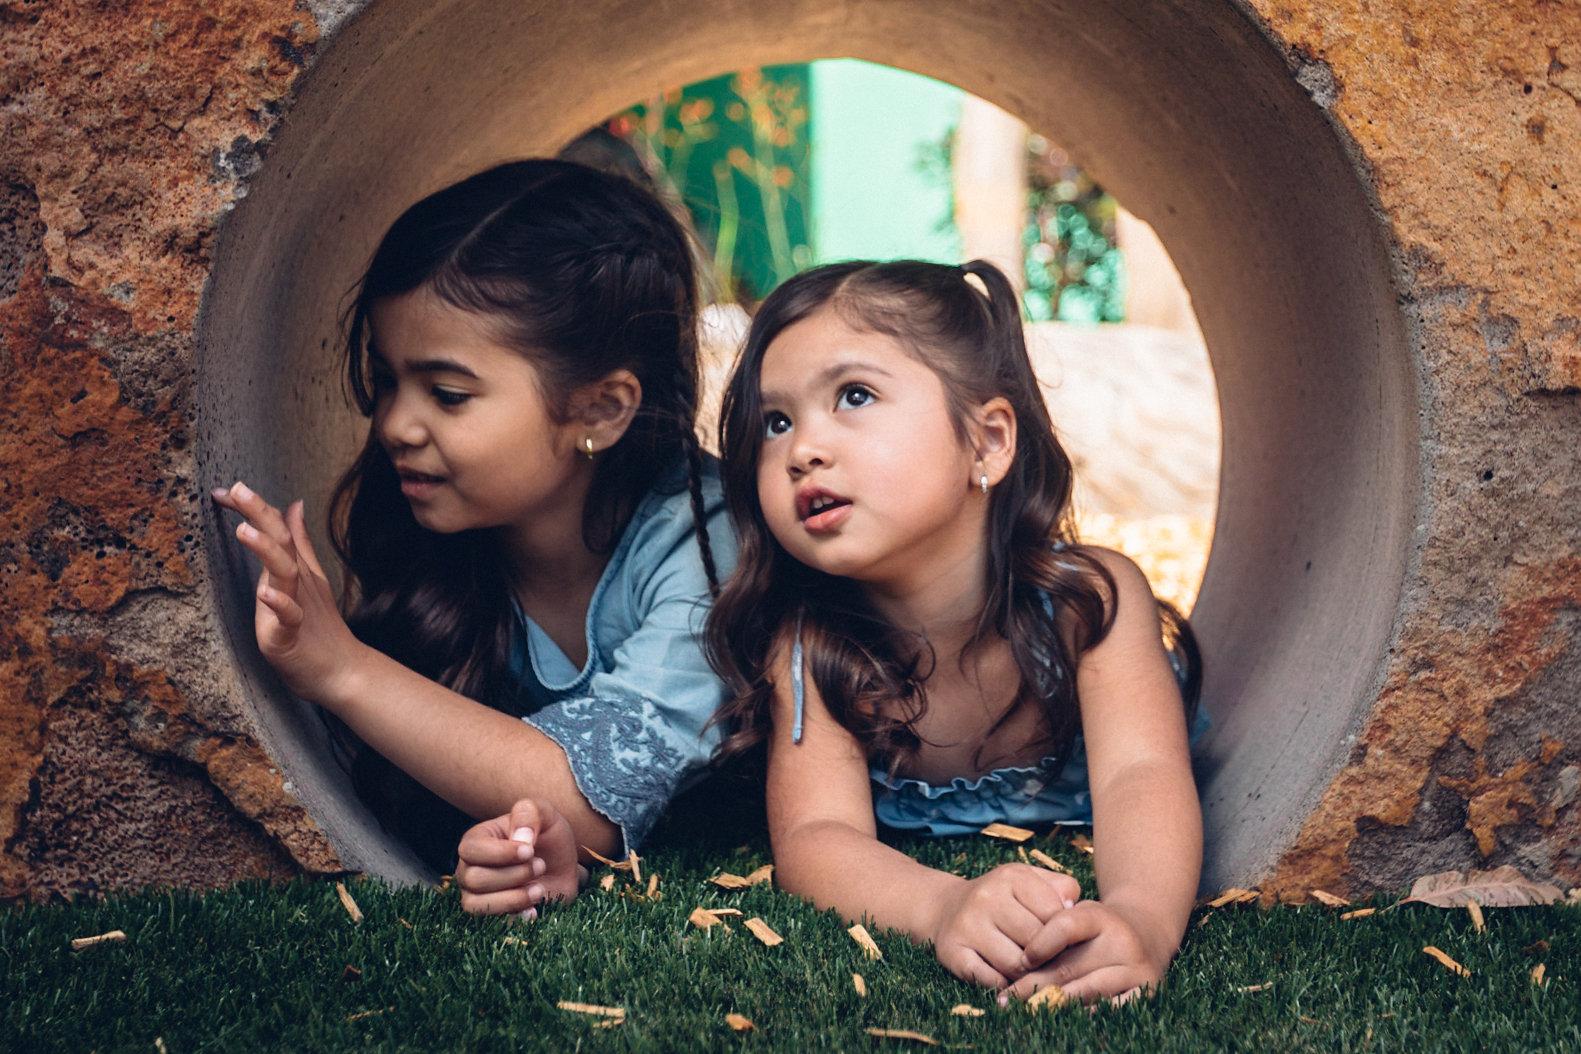 La tutela del minore: prospettive a confronto